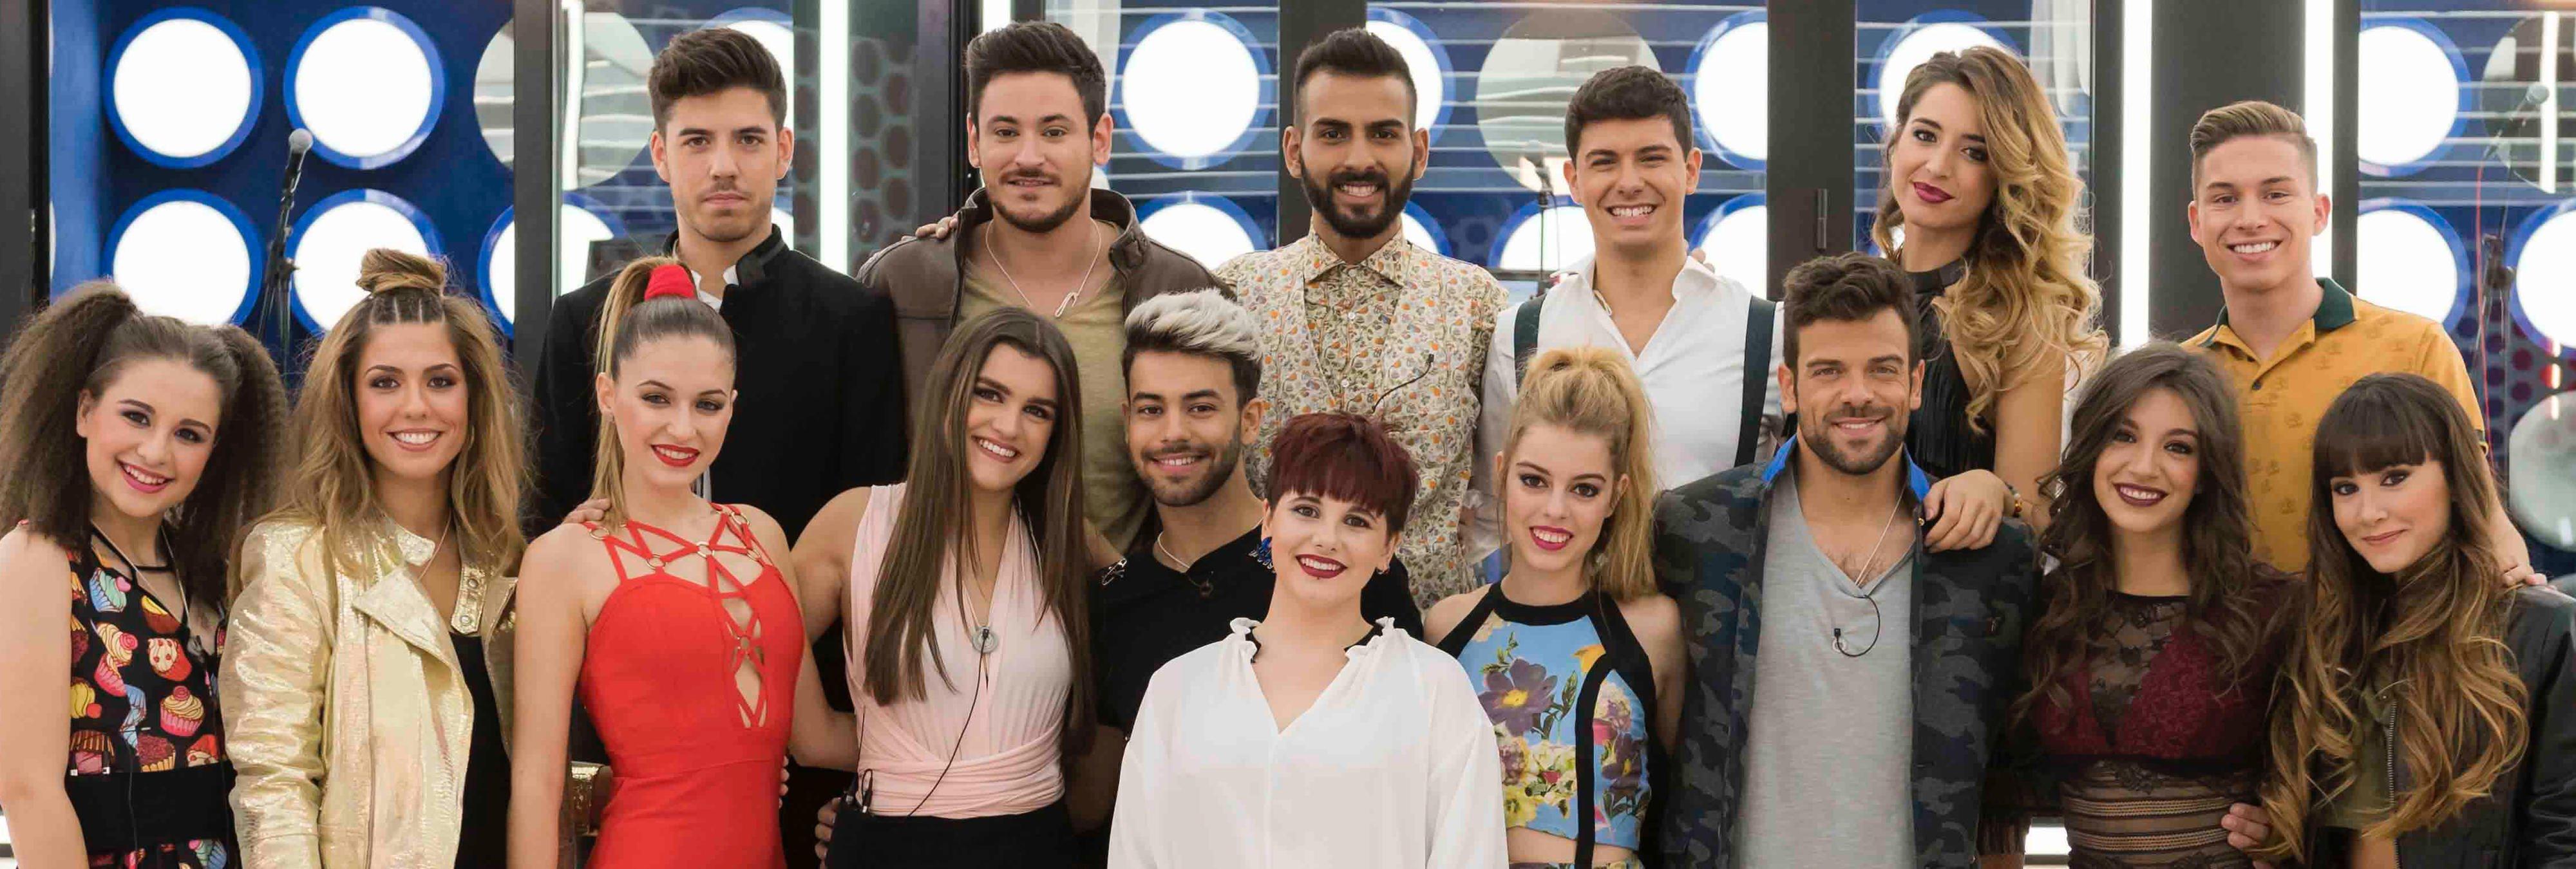 Concursos de TV, discos en solitario... el pasado desconocido de los chicos de 'OT 2017'